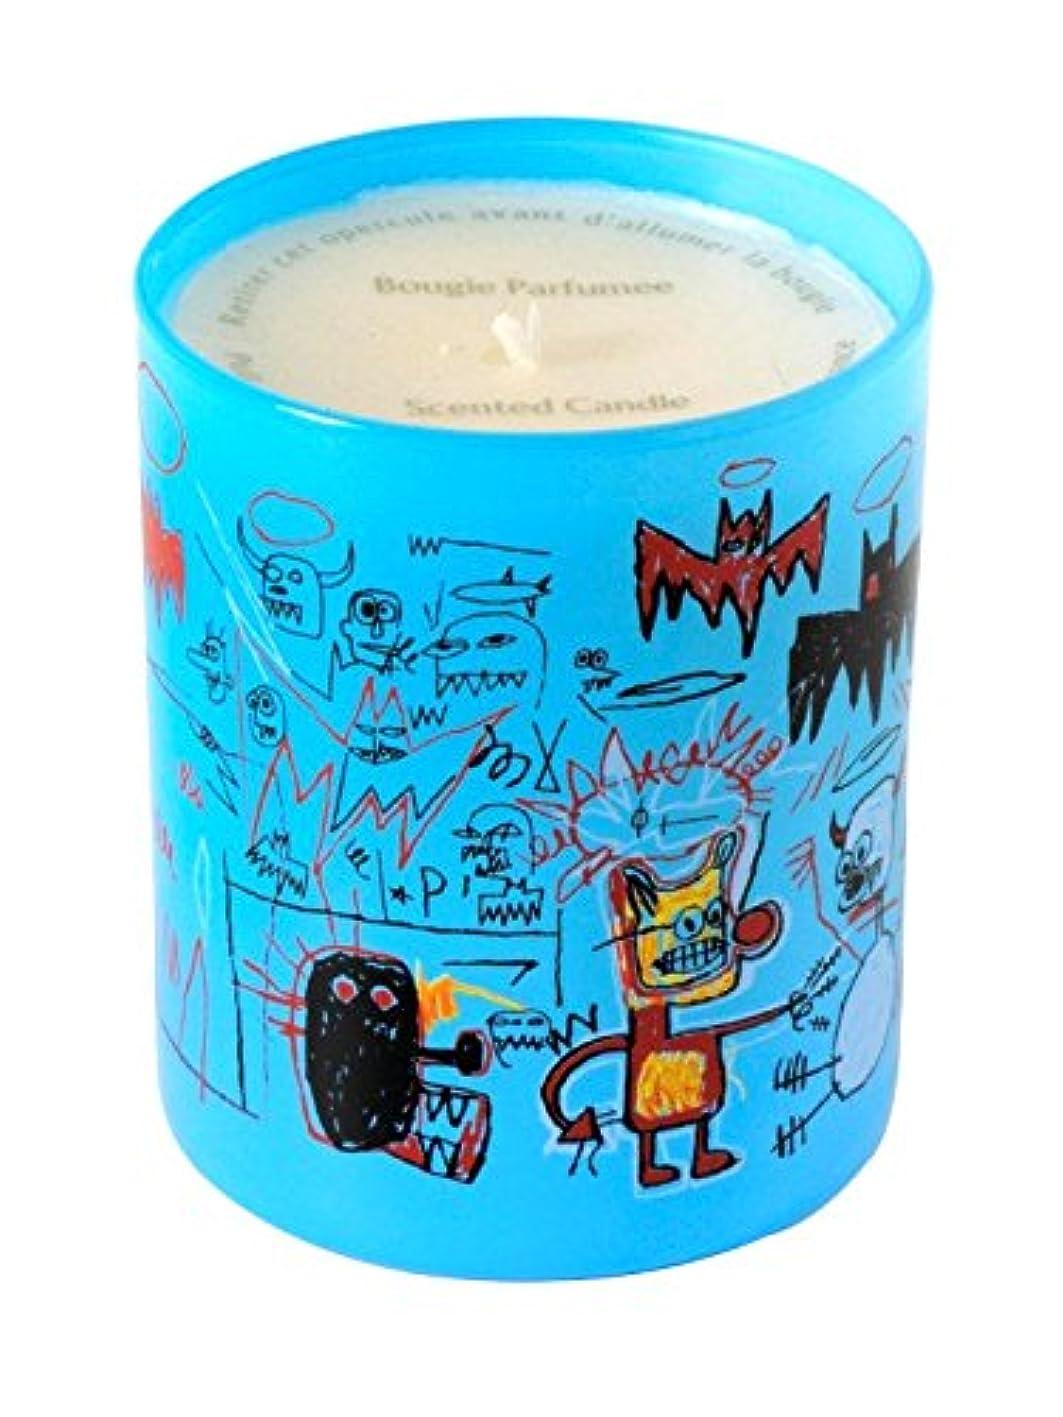 ストレージきょうだい絶えずジャン ミシェル バスキア ブルー キャンドル(Jean-Michael Basquiat Perfumed Candle